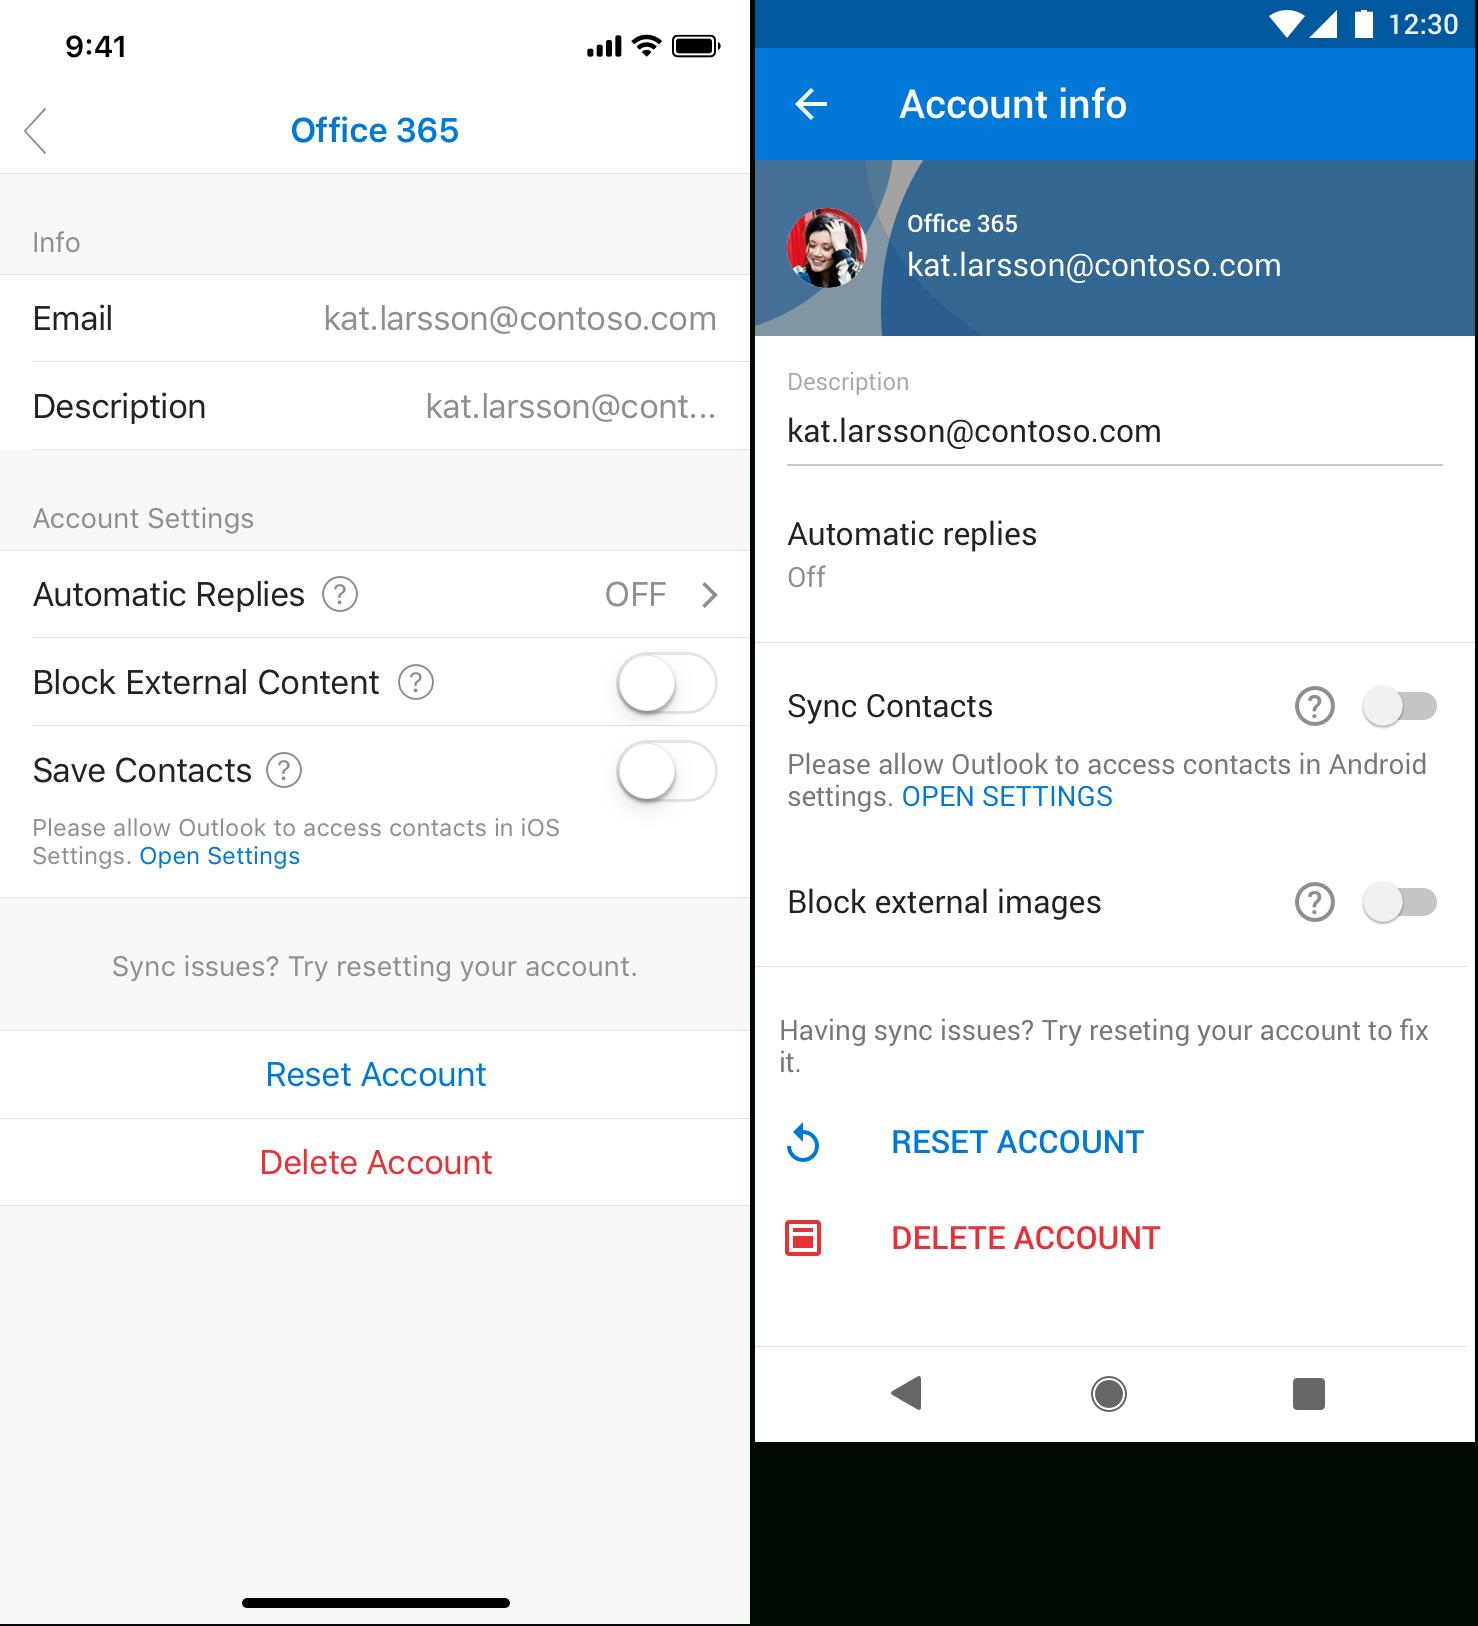 Развертывание Параметров Конфигурации Приложения Outlook Для within Outlook Calendar Lock Icon